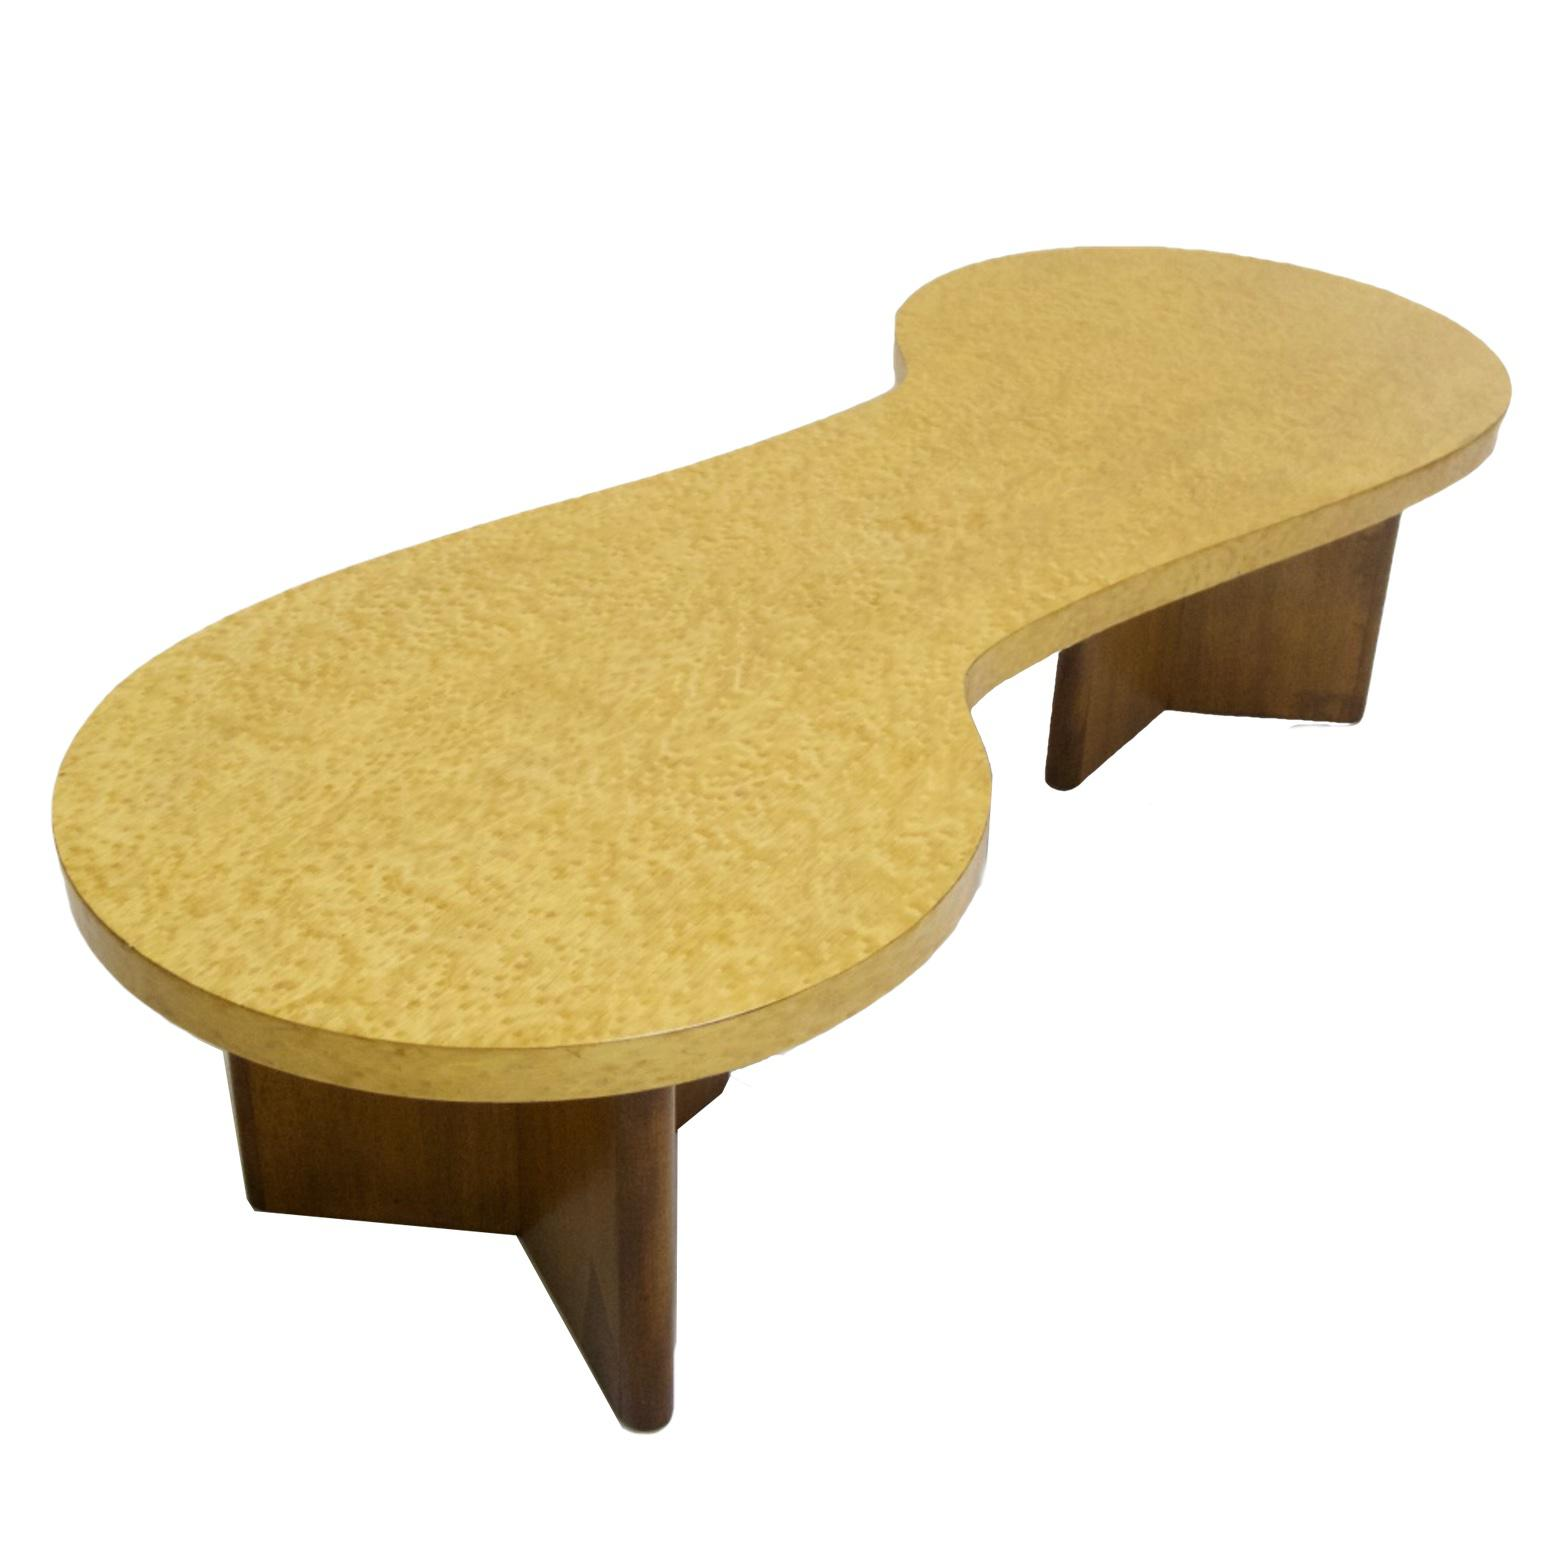 Excellent Rare Andrew Szoeke Associates Biomorphic Coffee Table in